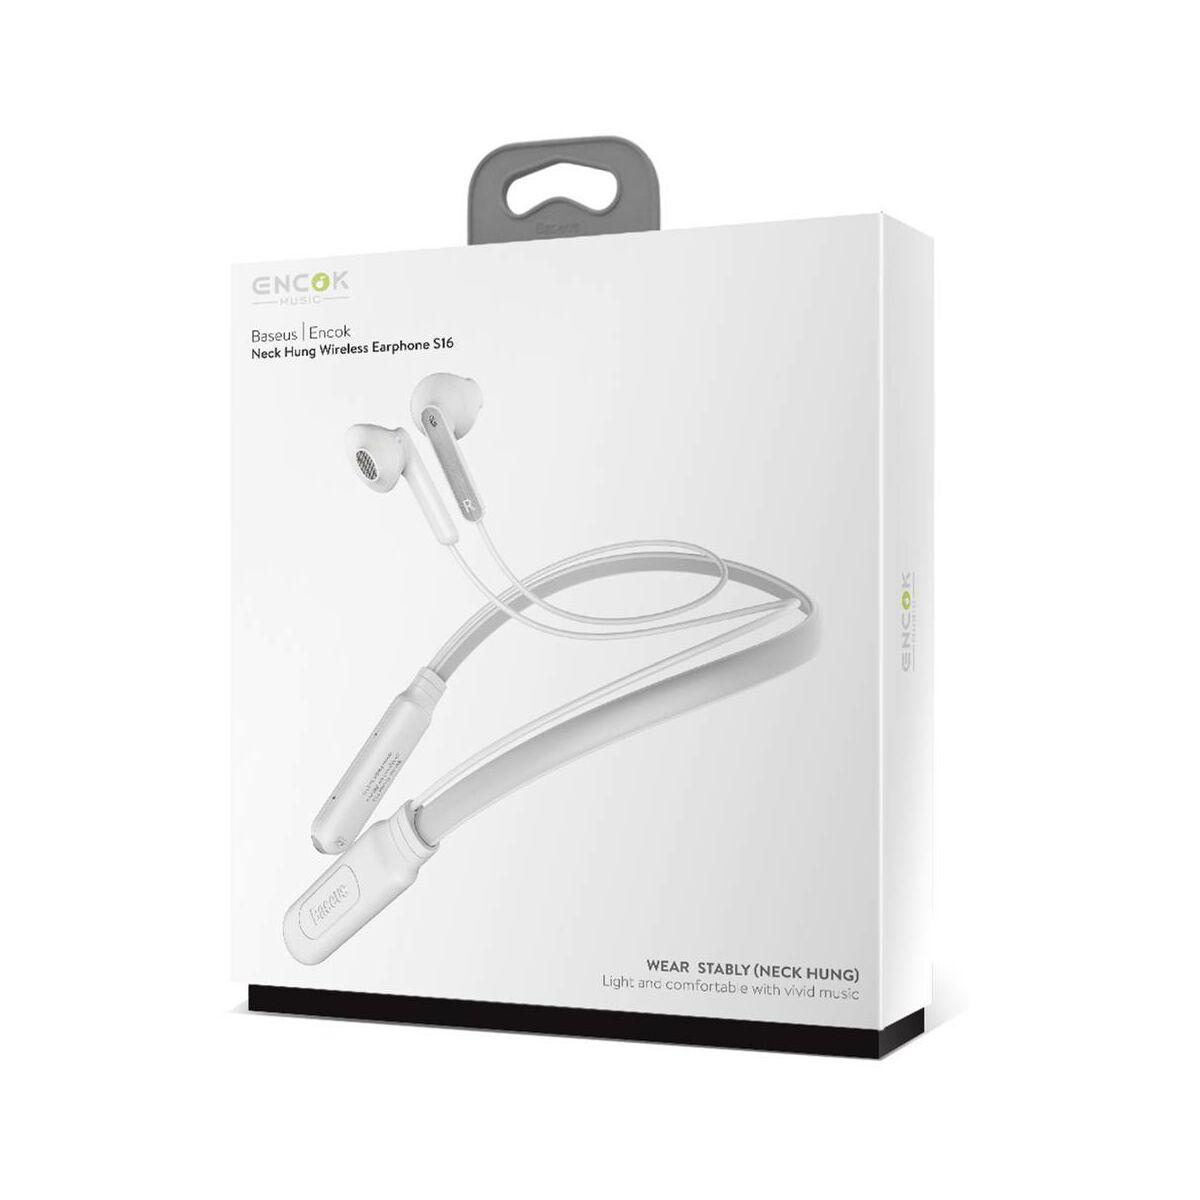 Baseus fülhallgató, Bluetooth Encok S16, nyakba akasztós, vezeték nélküli, fehér (NGS16-02)